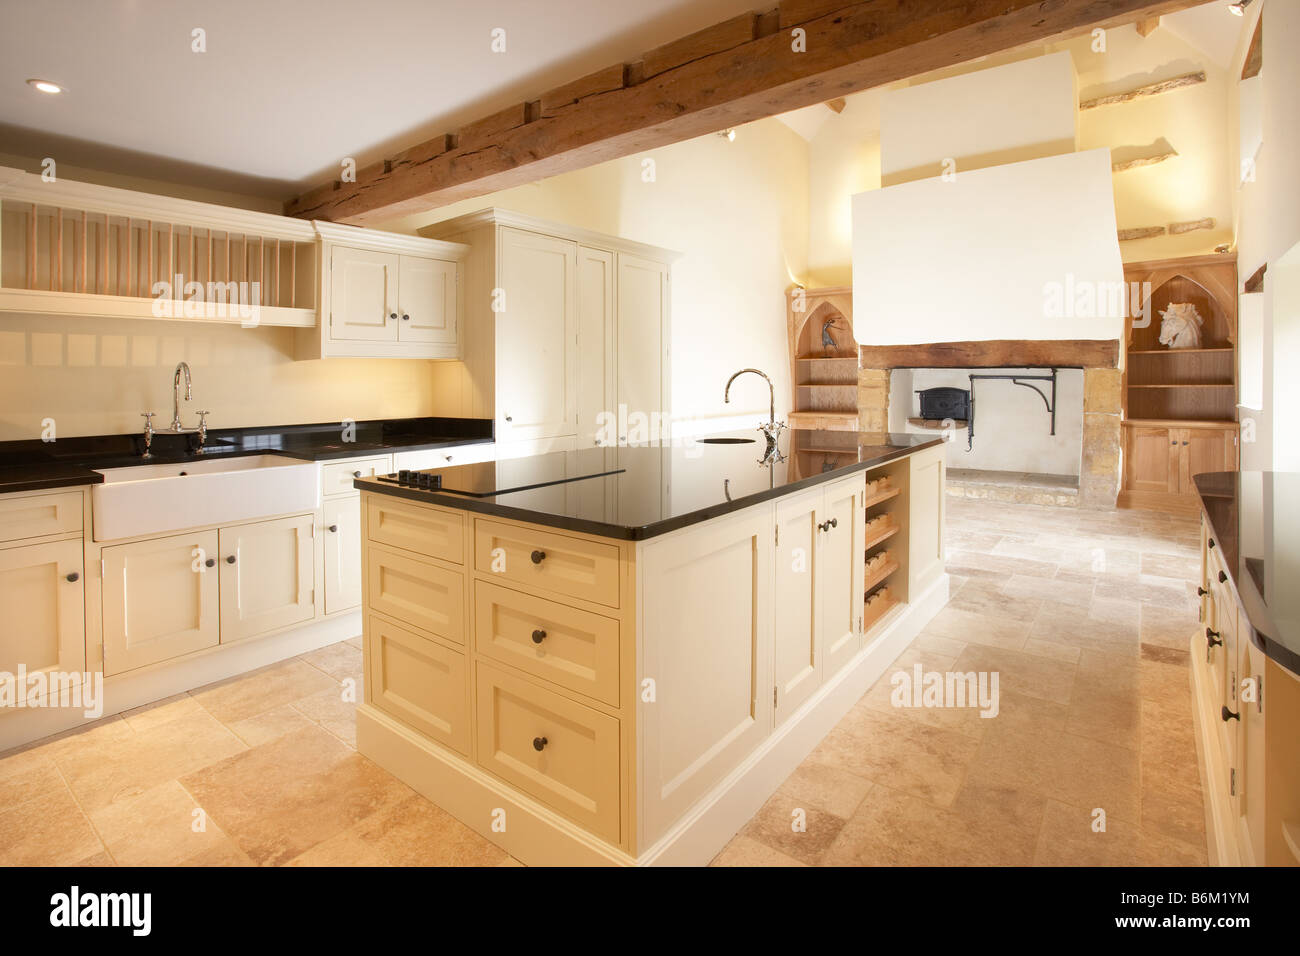 Crème moderne style quaker cuisine dans maison ancienne avec ...